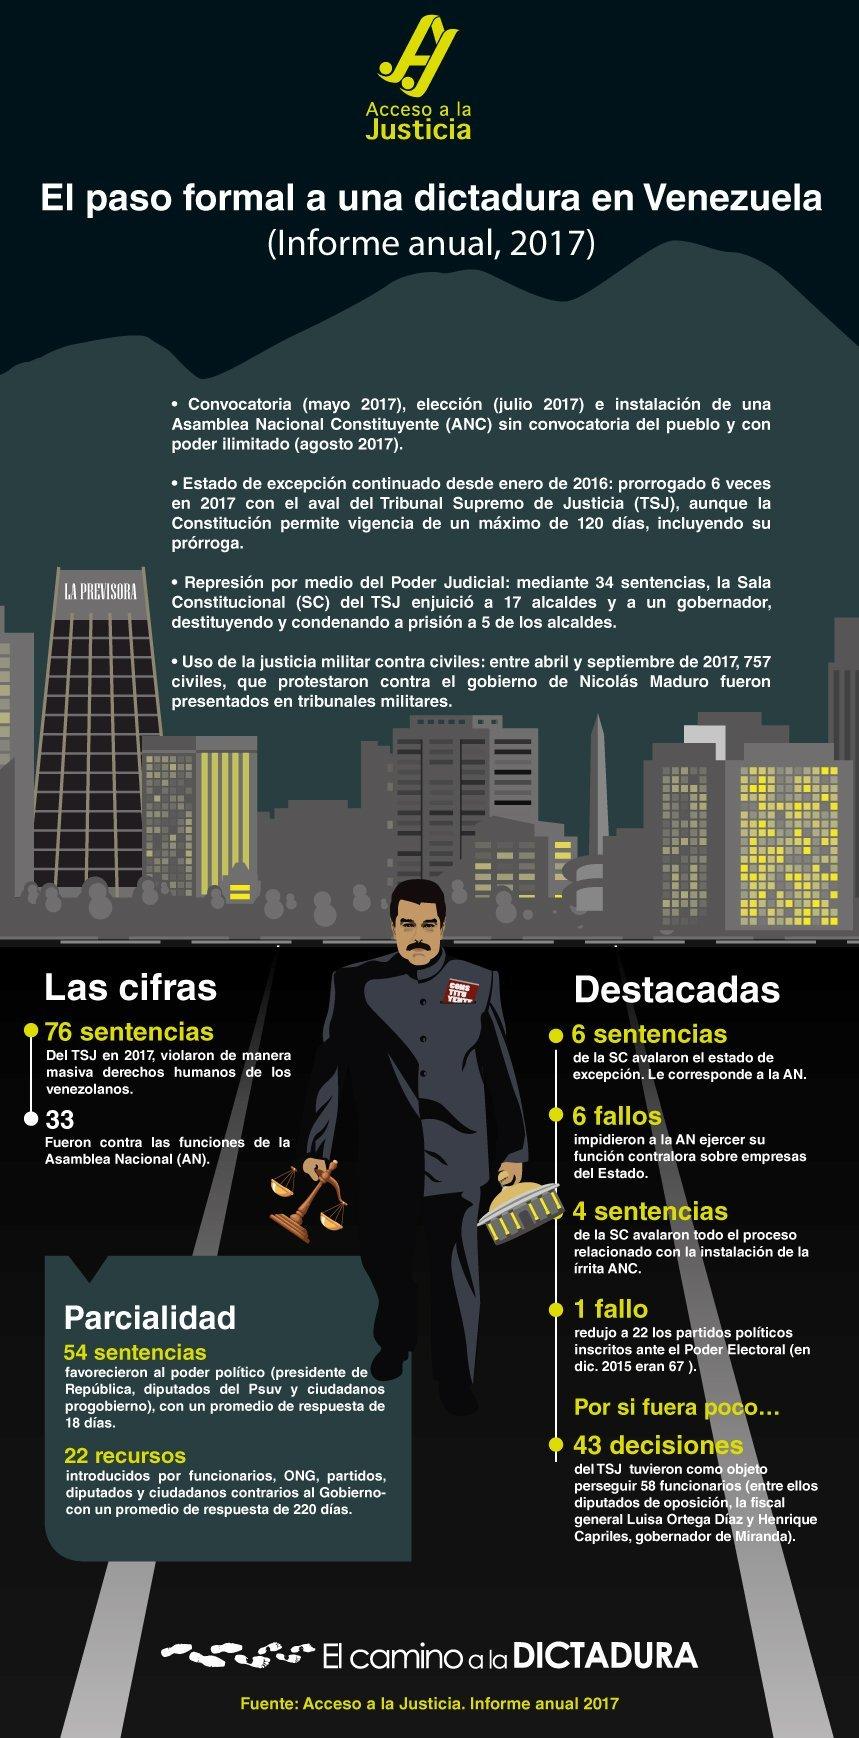 Las cifras del camino a la dictadura en Venezuela